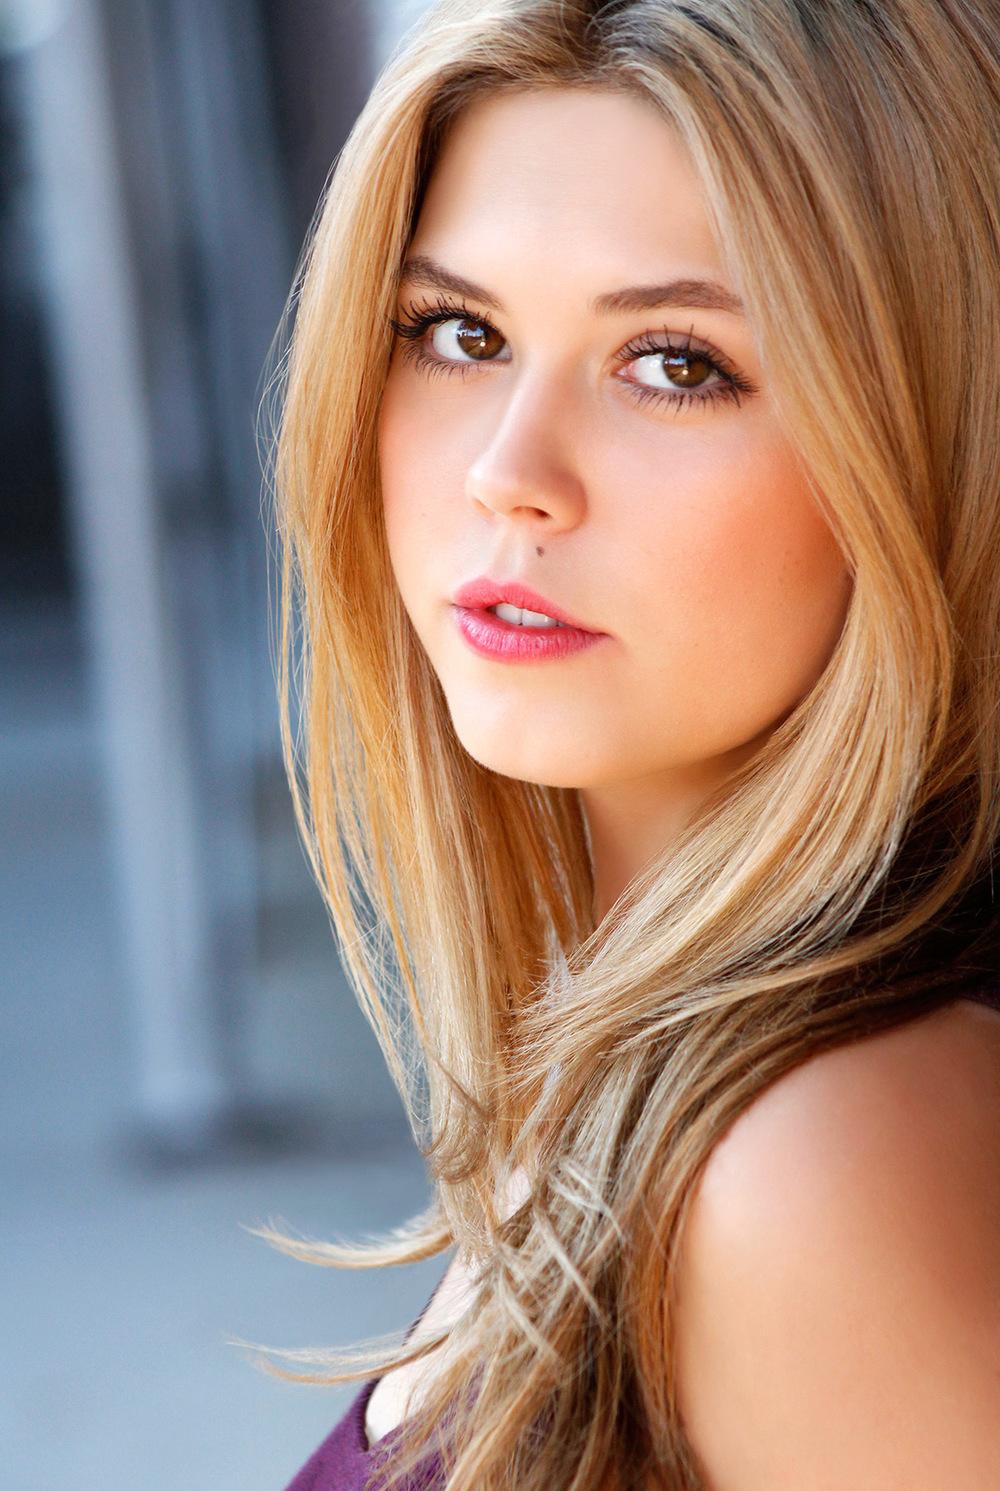 Natalie Blackman